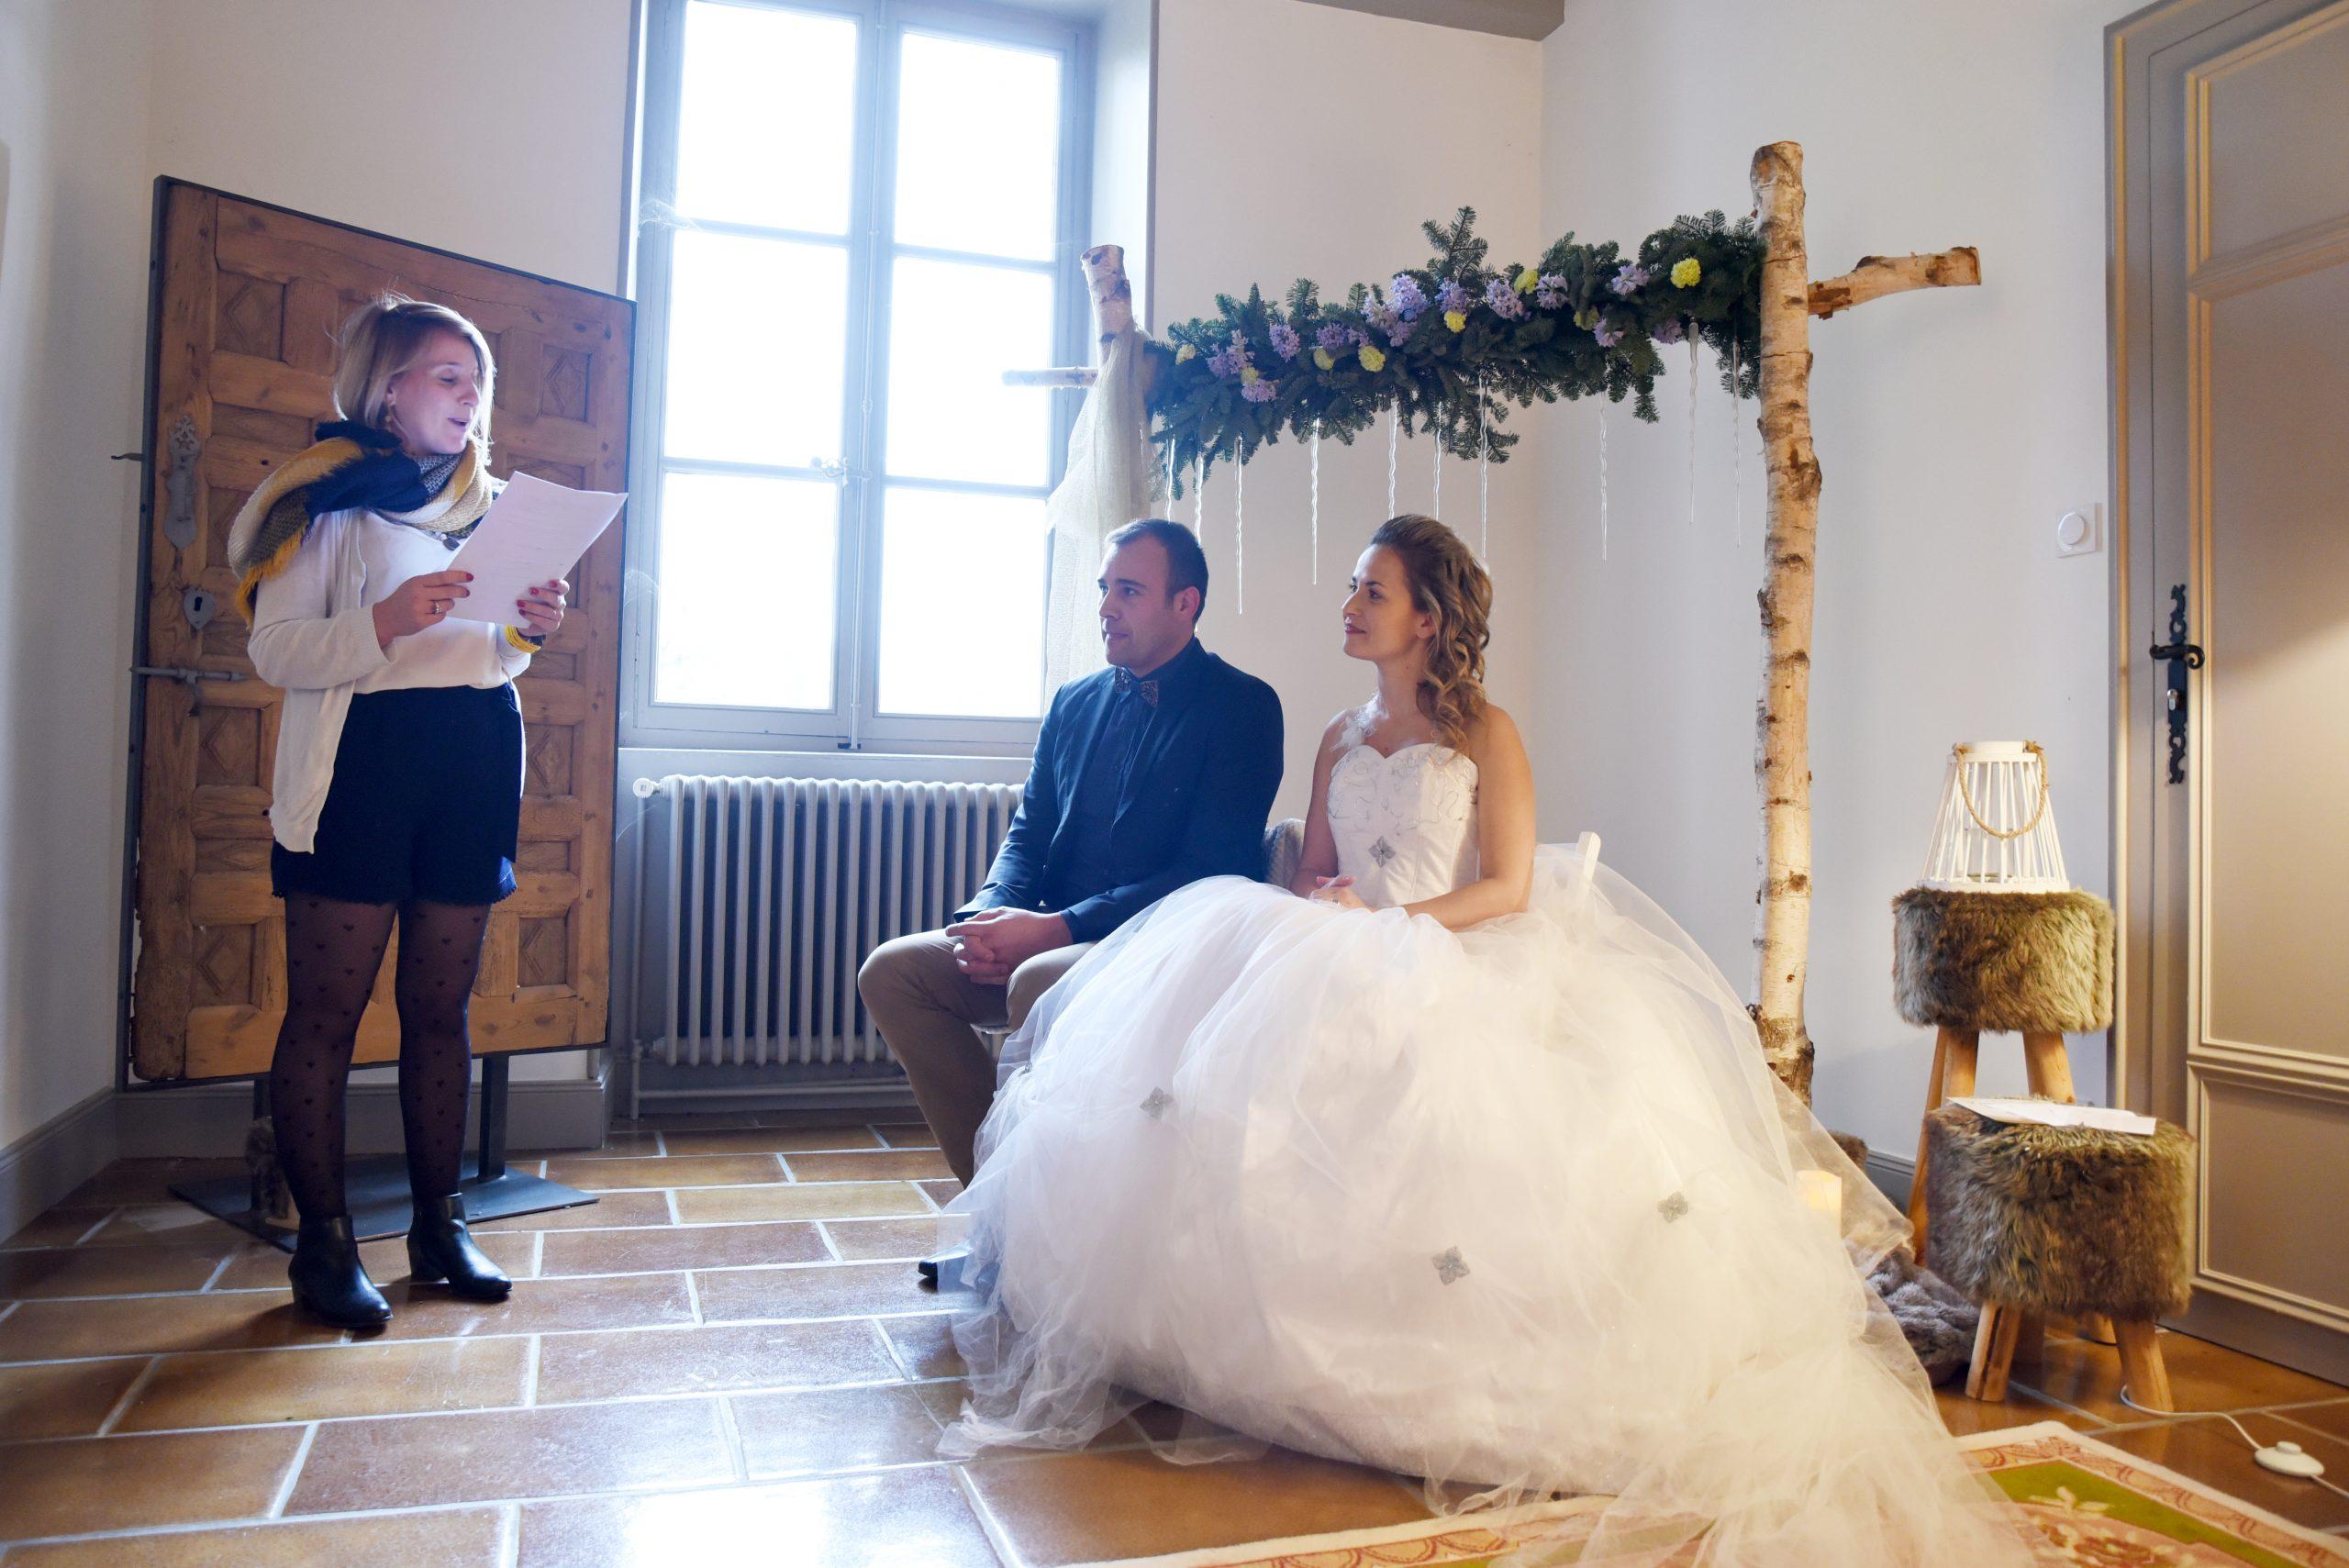 fausses cérémonies de mariage